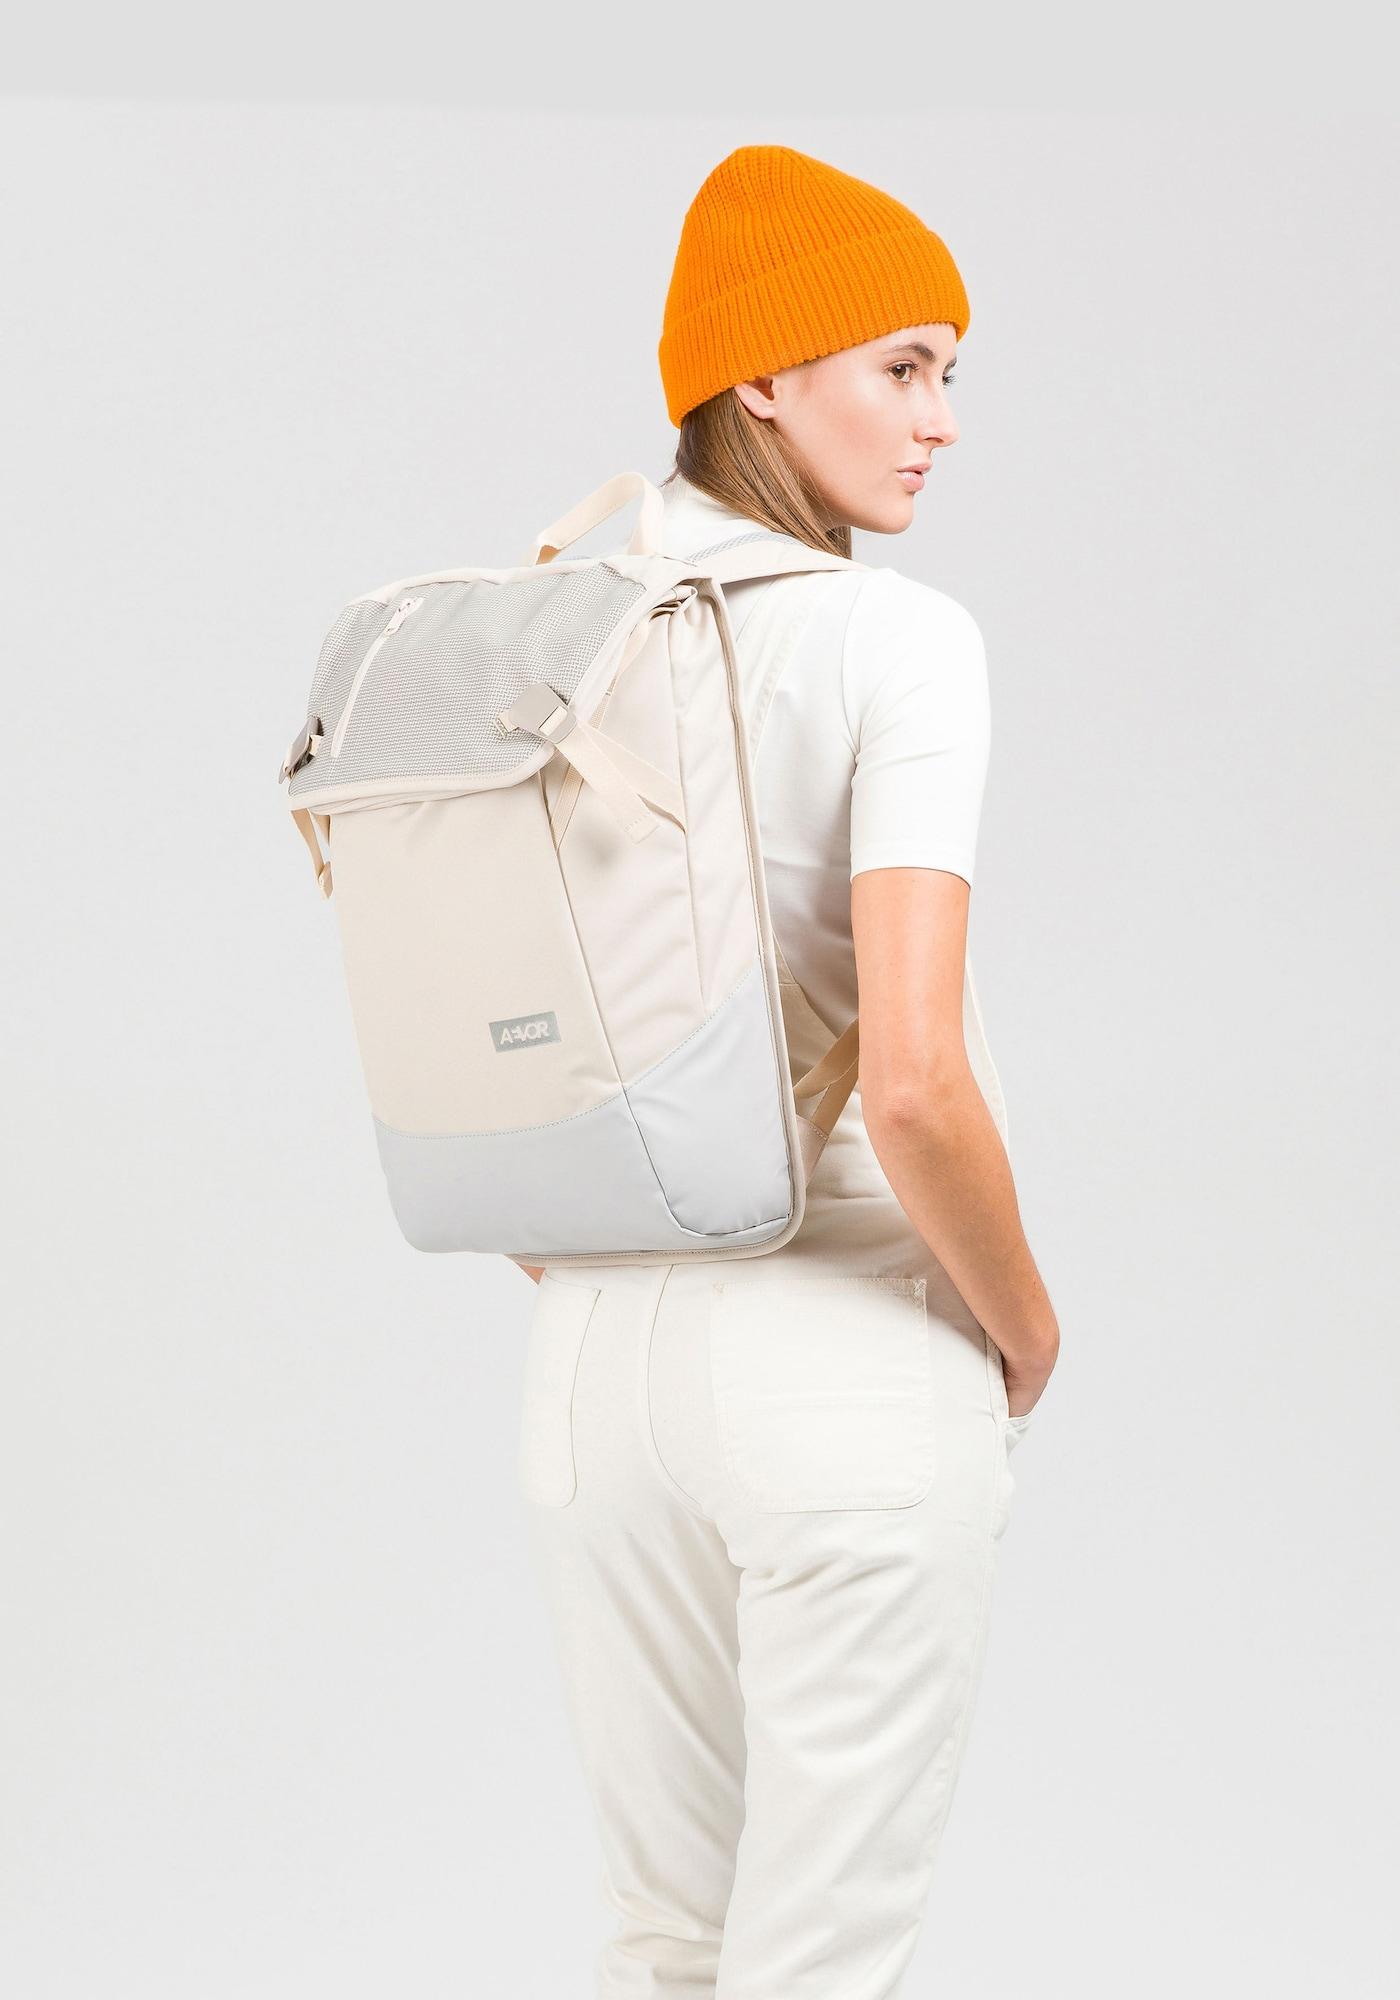 aevor - Tagesrucksack 'Daypack'